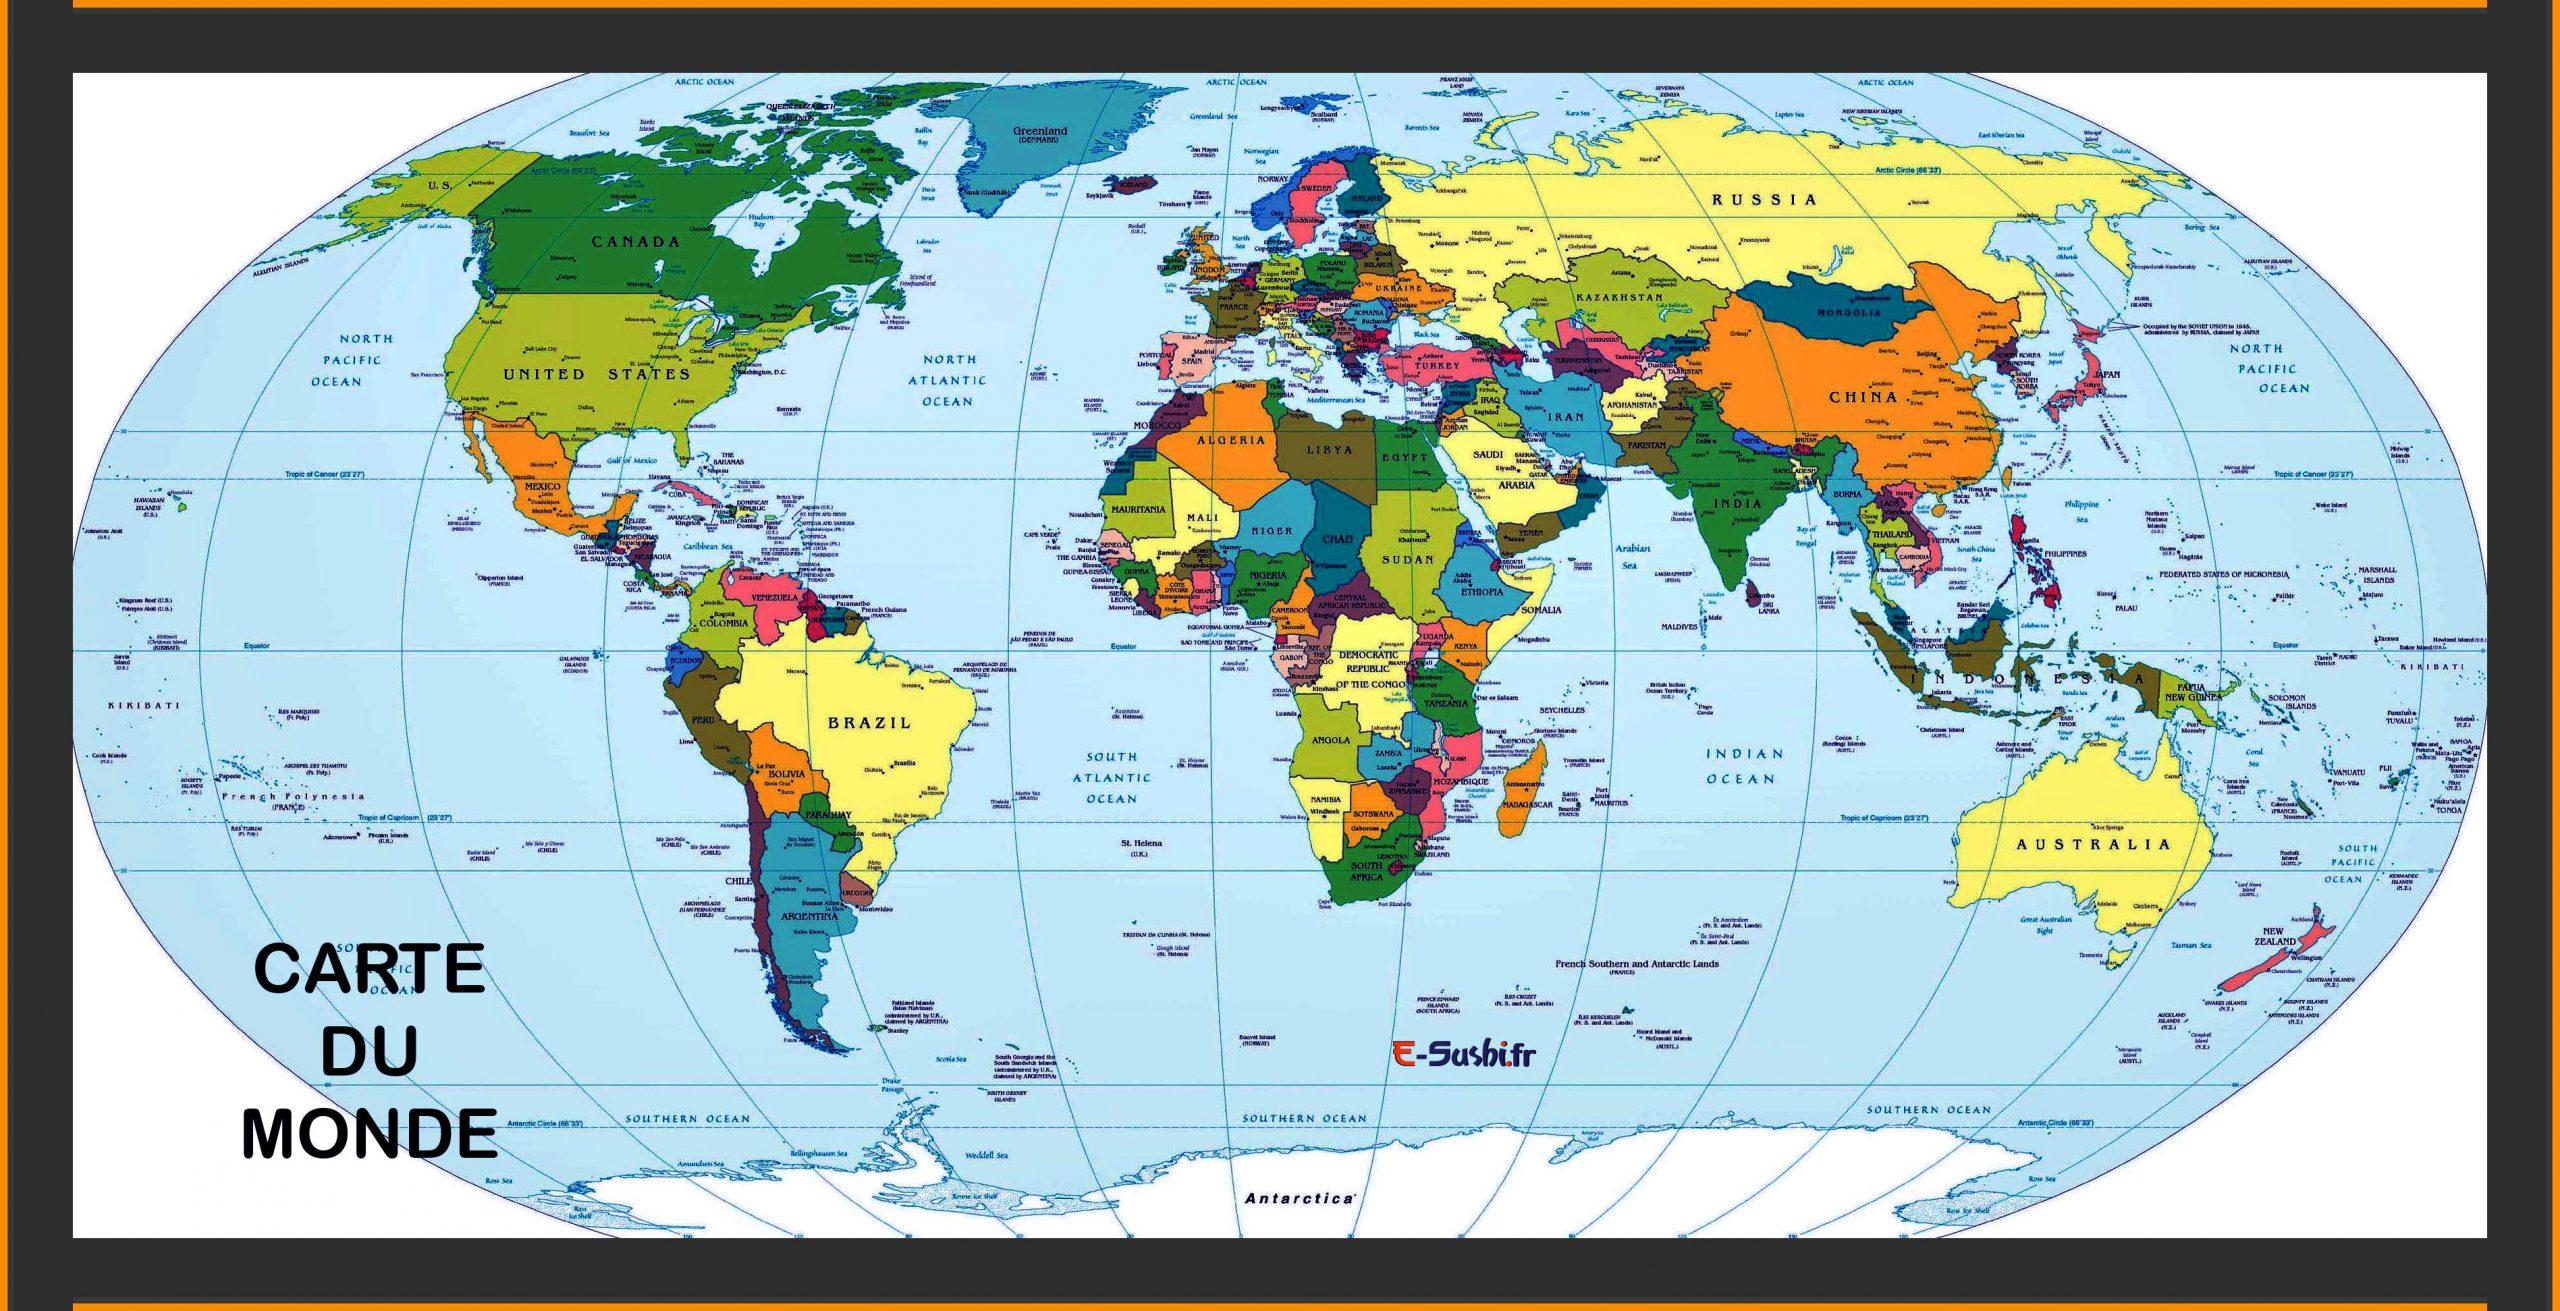 Carte Du Monde - Plan Des Pays - Images - Arts Et Voyages à Carte Du Monde Avec Capitale